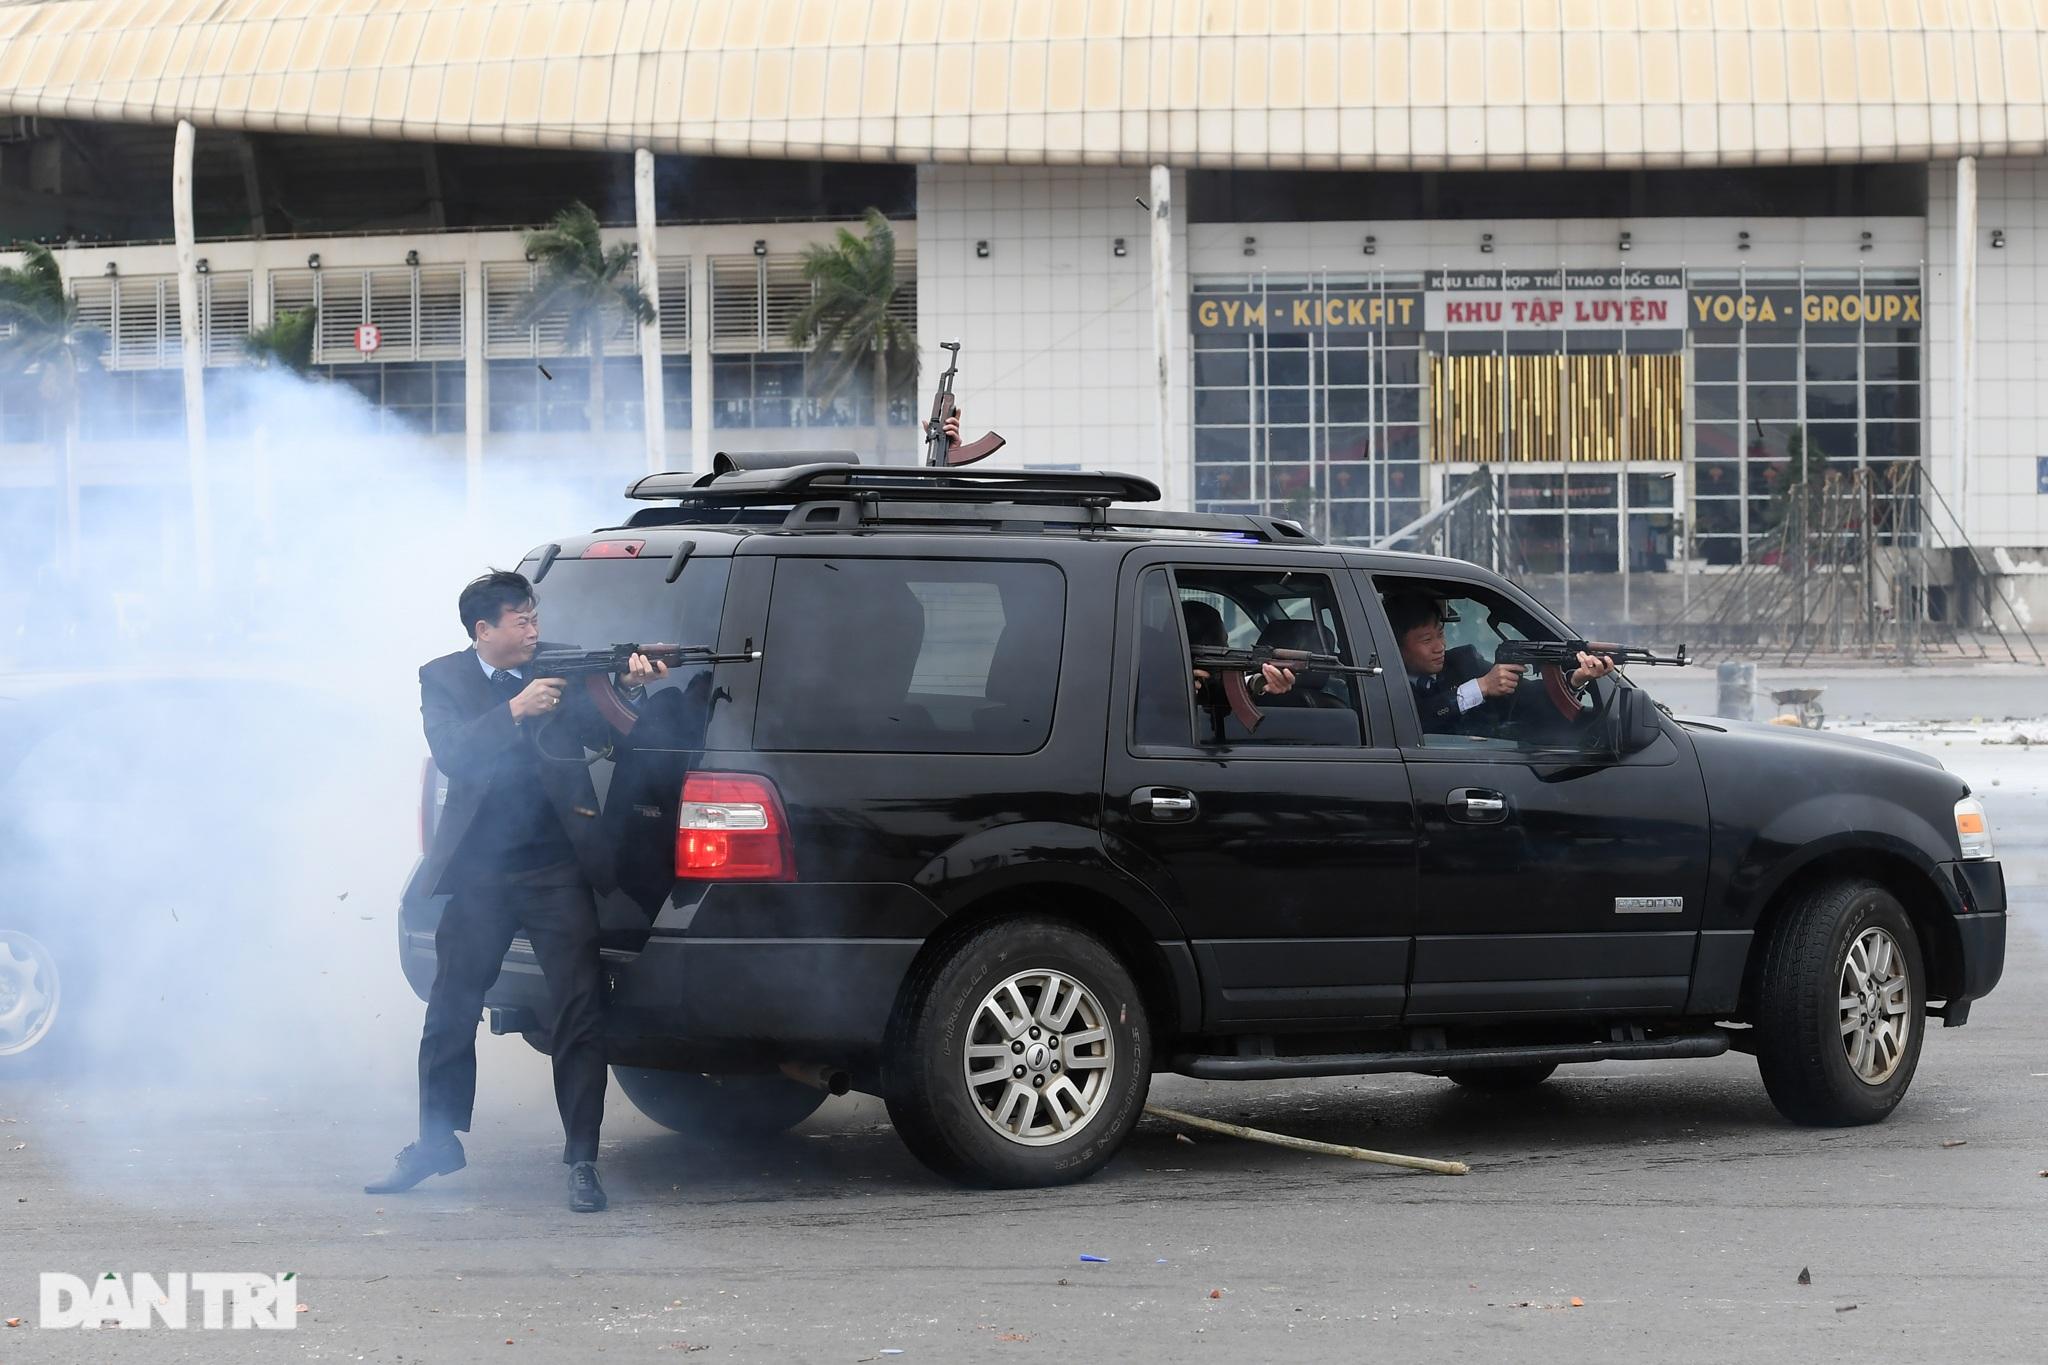 Diễn tập phòng chống khủng bố, bảo vệ nguyên thủ trước thềm Đại hội Đảng - 13